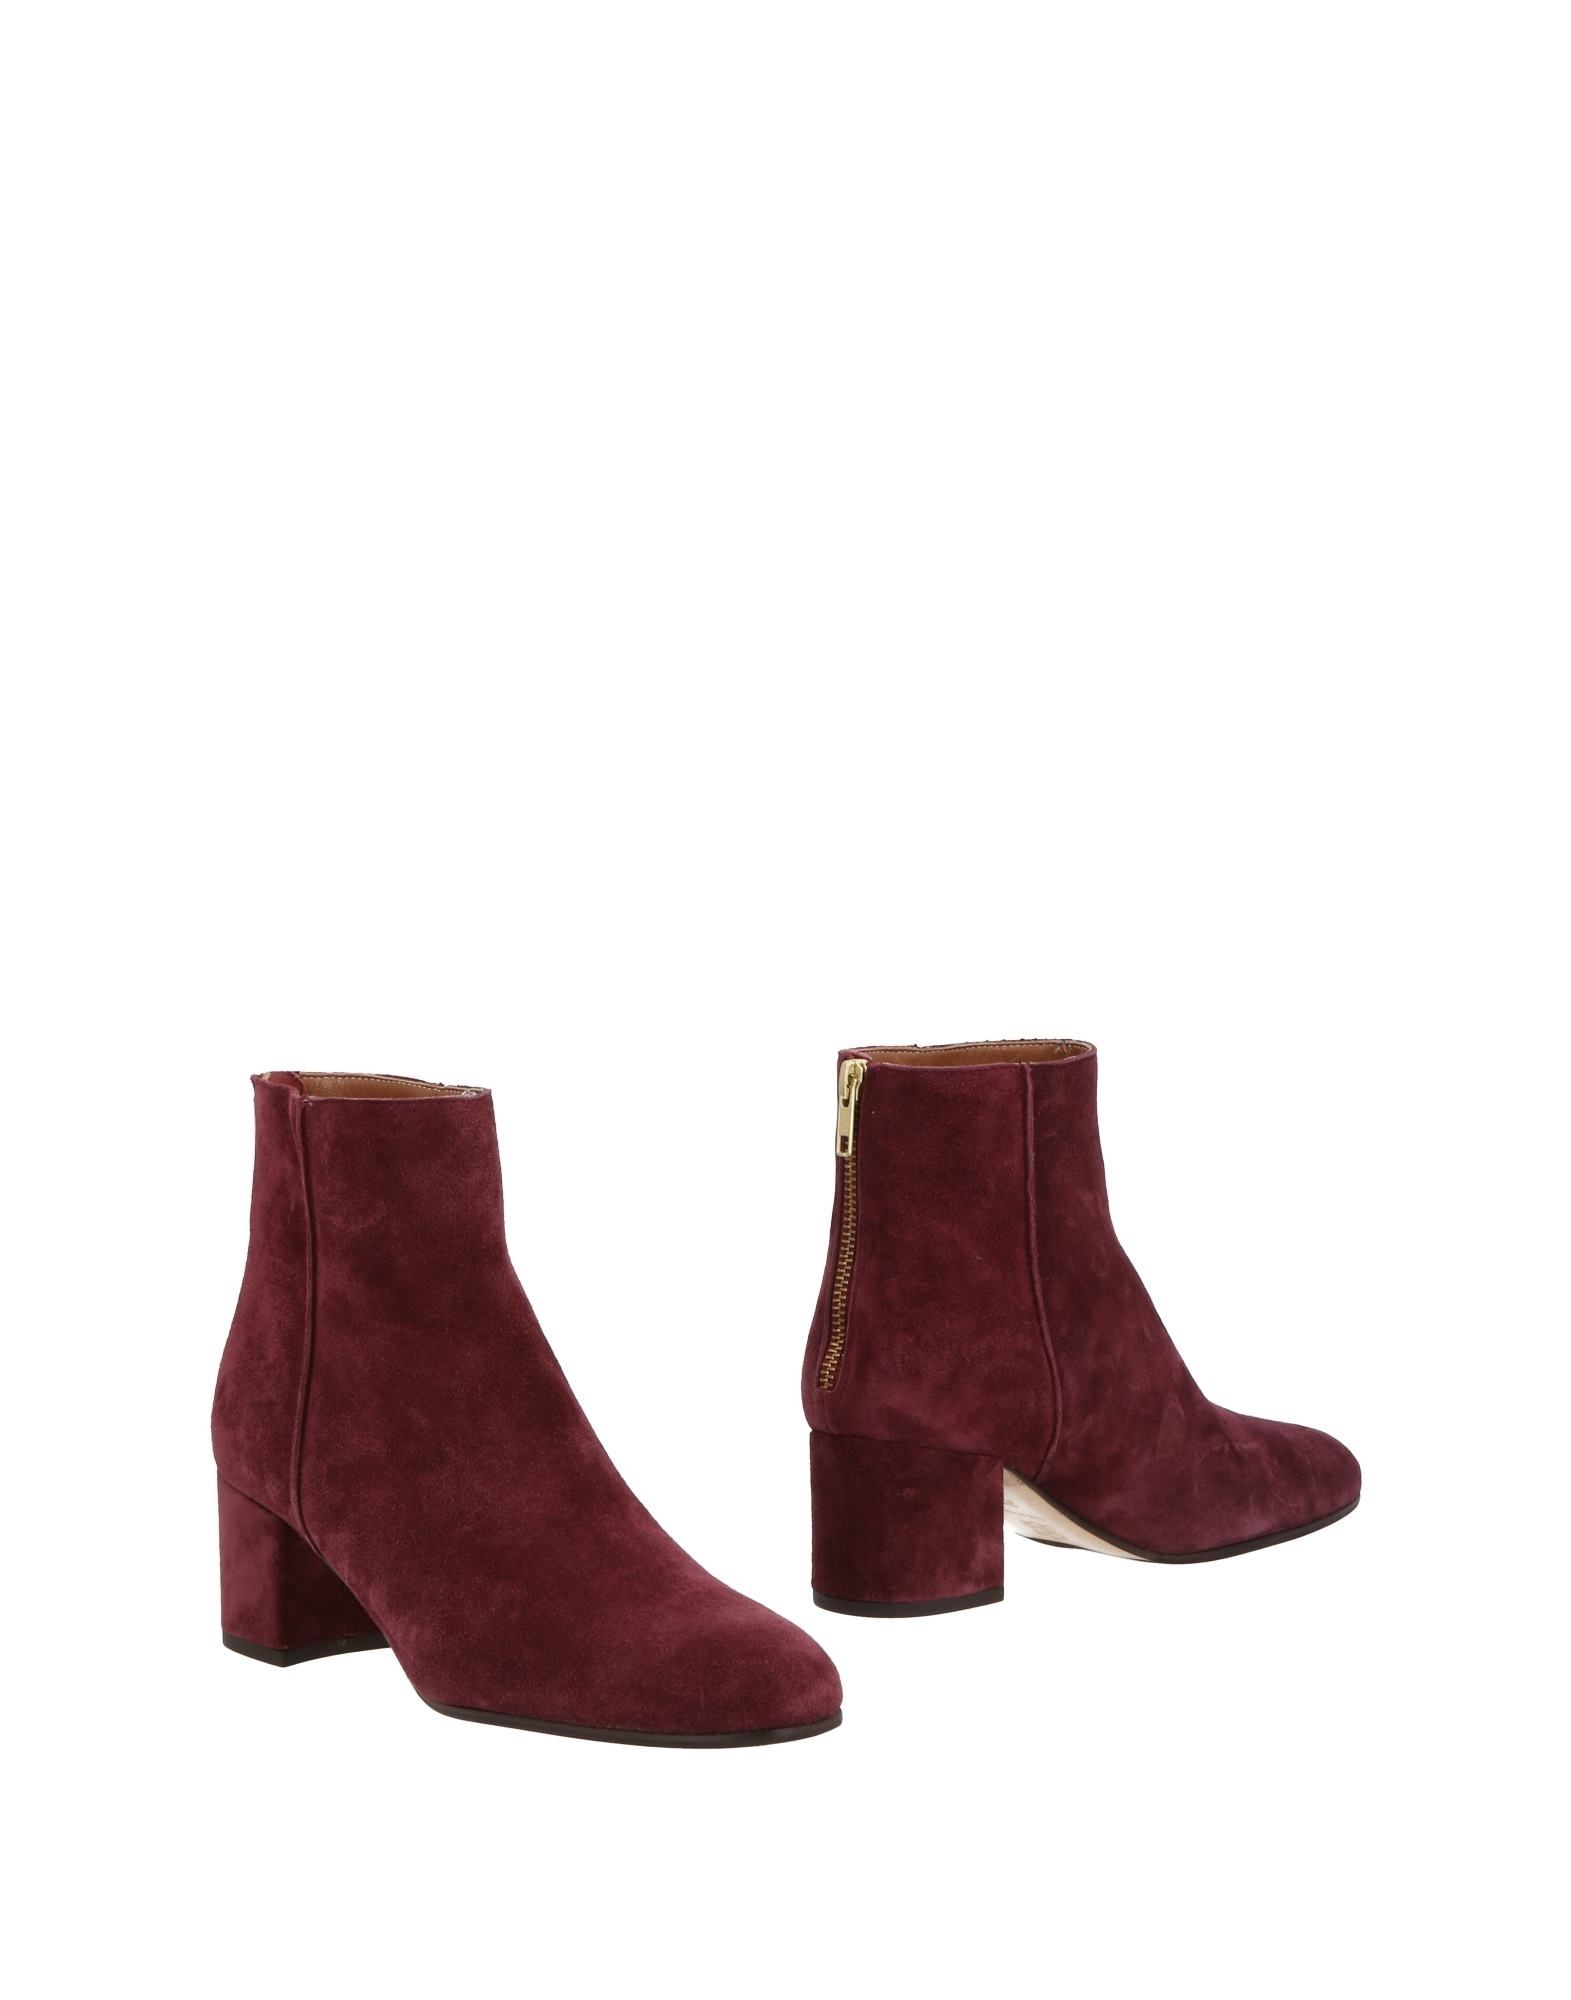 Bottine Atp Atelier Femme - Bottines Atp Atelier Aubergine Les chaussures les plus populaires pour les hommes et les femmes